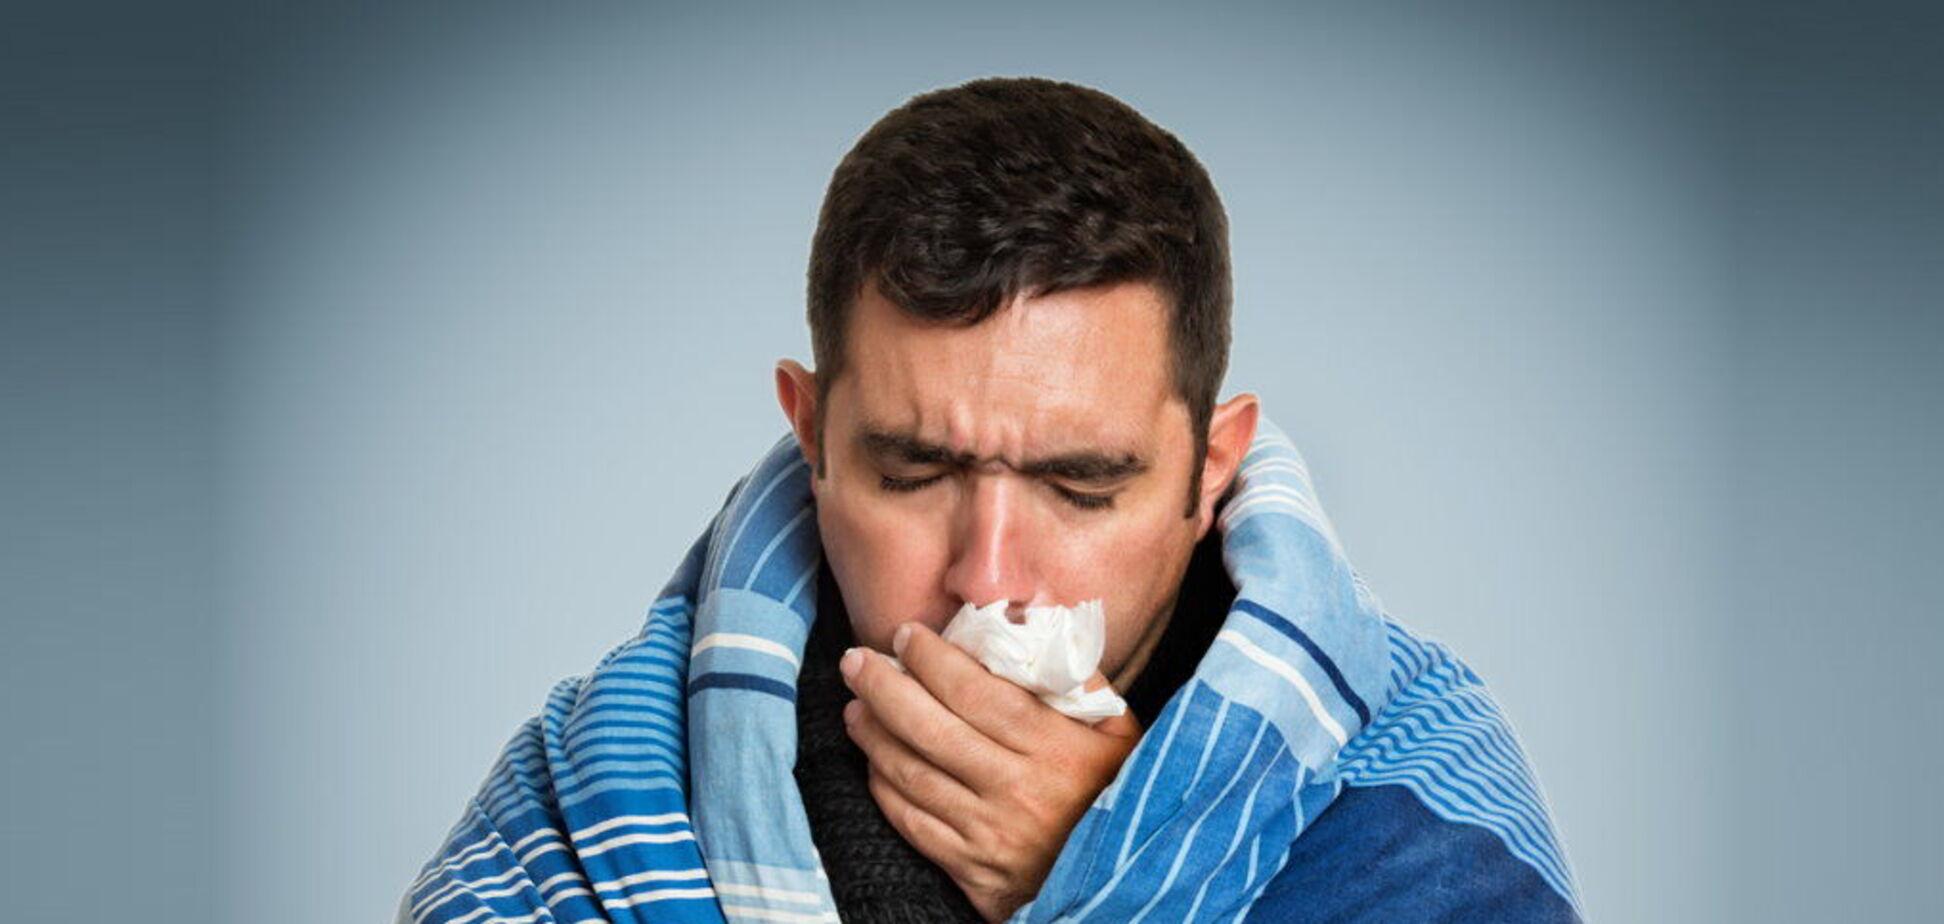 Грип під час пандемії COVID-19: як відрізнити